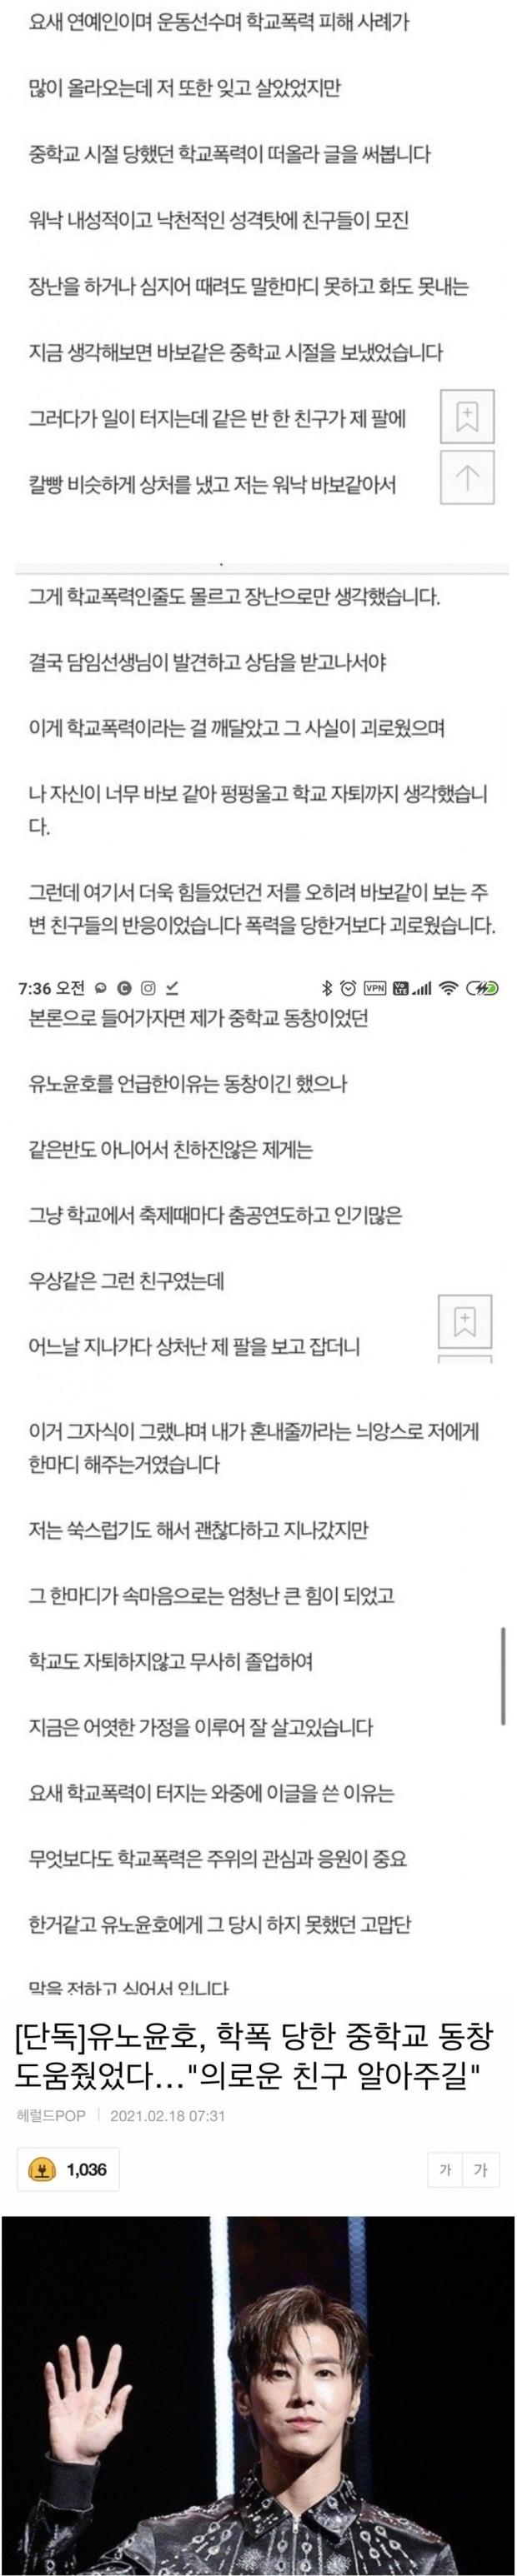 유노윤호 학폭 논란